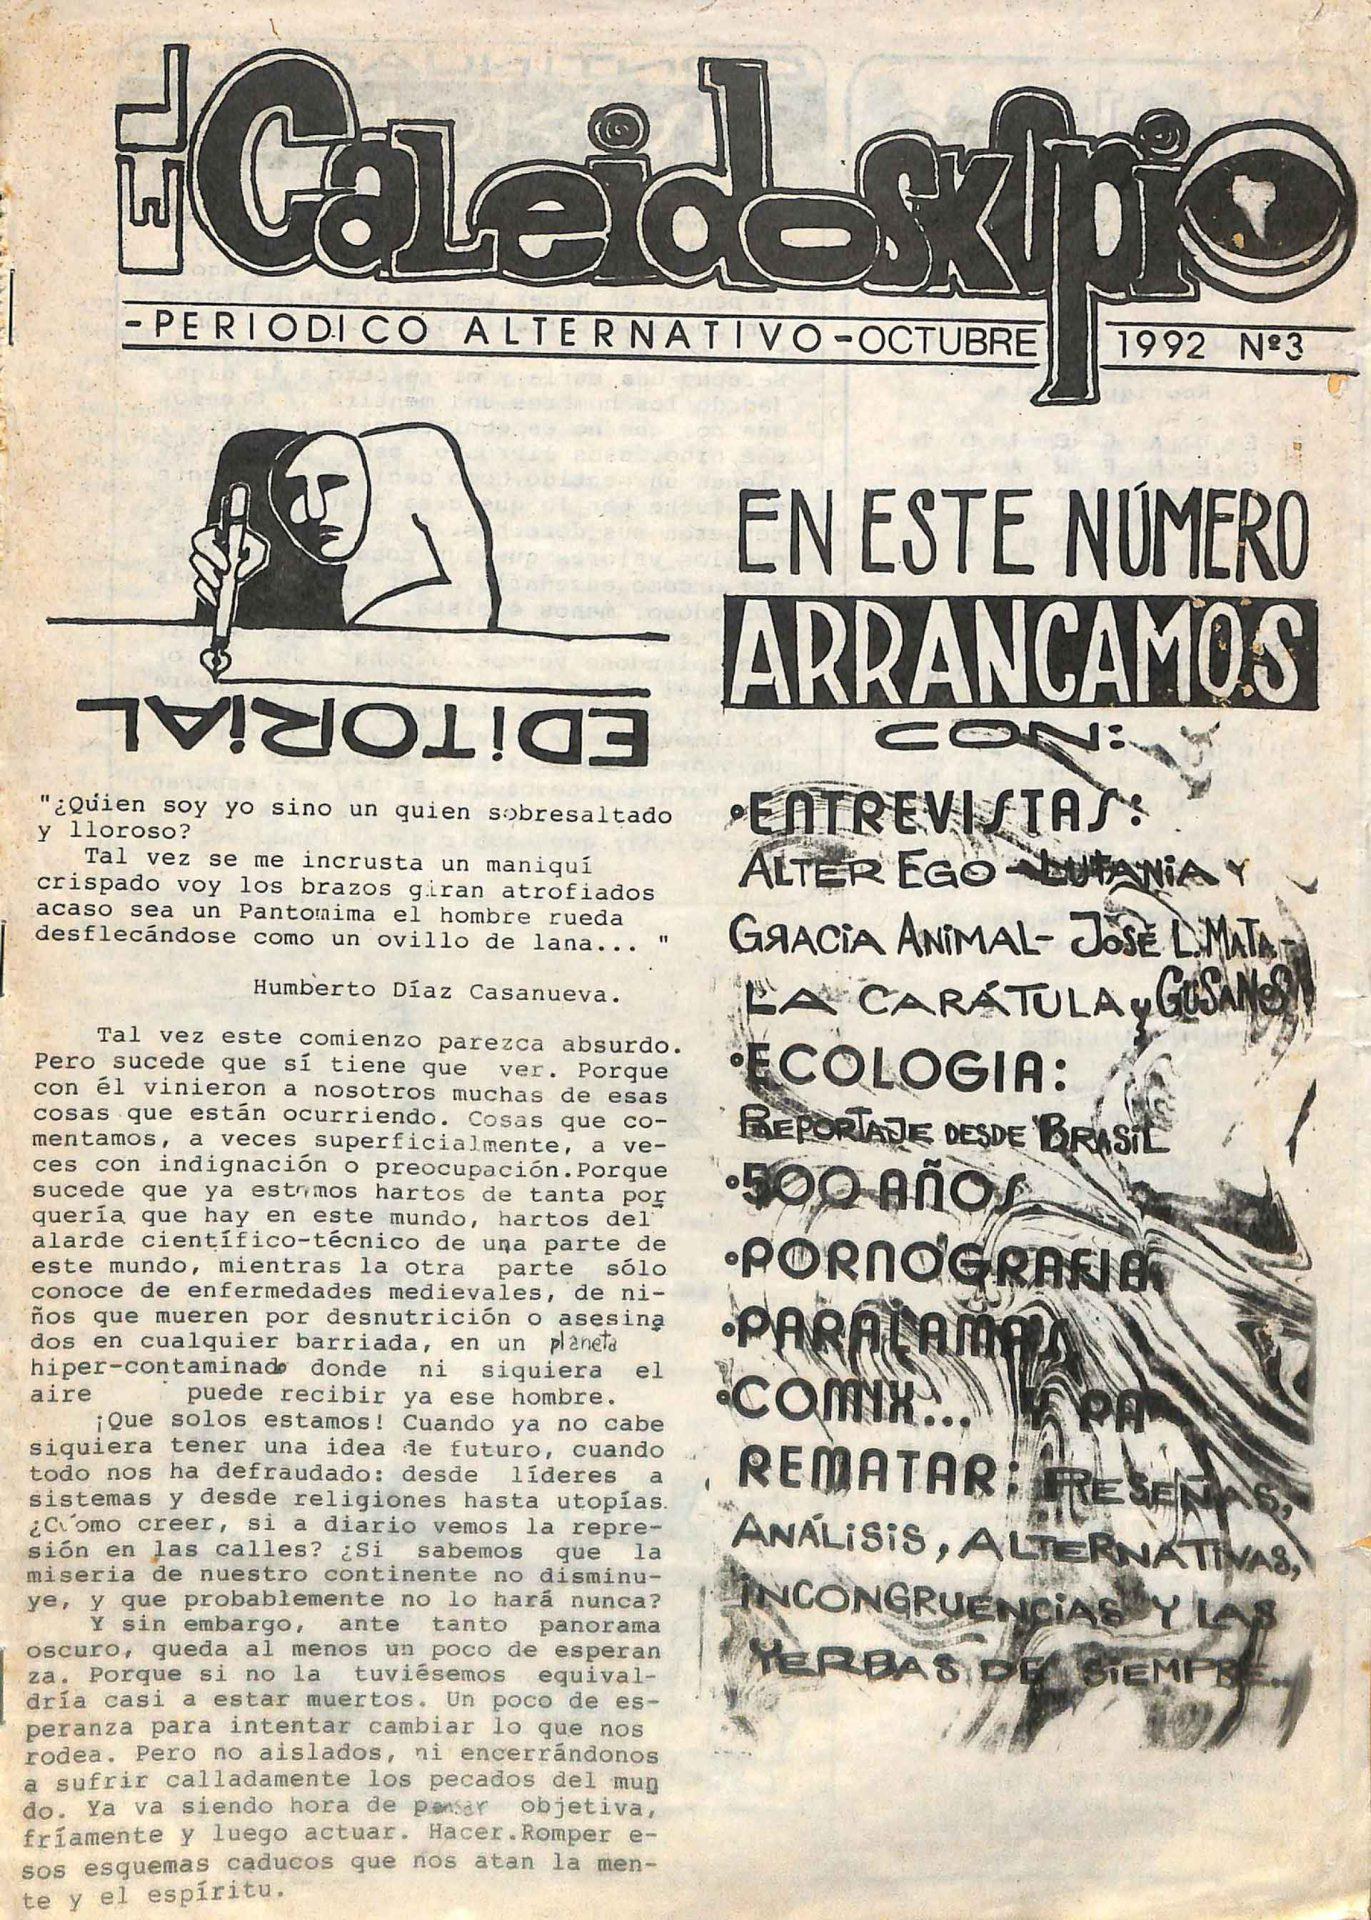 El Caleidoskopio No. 3, 1992